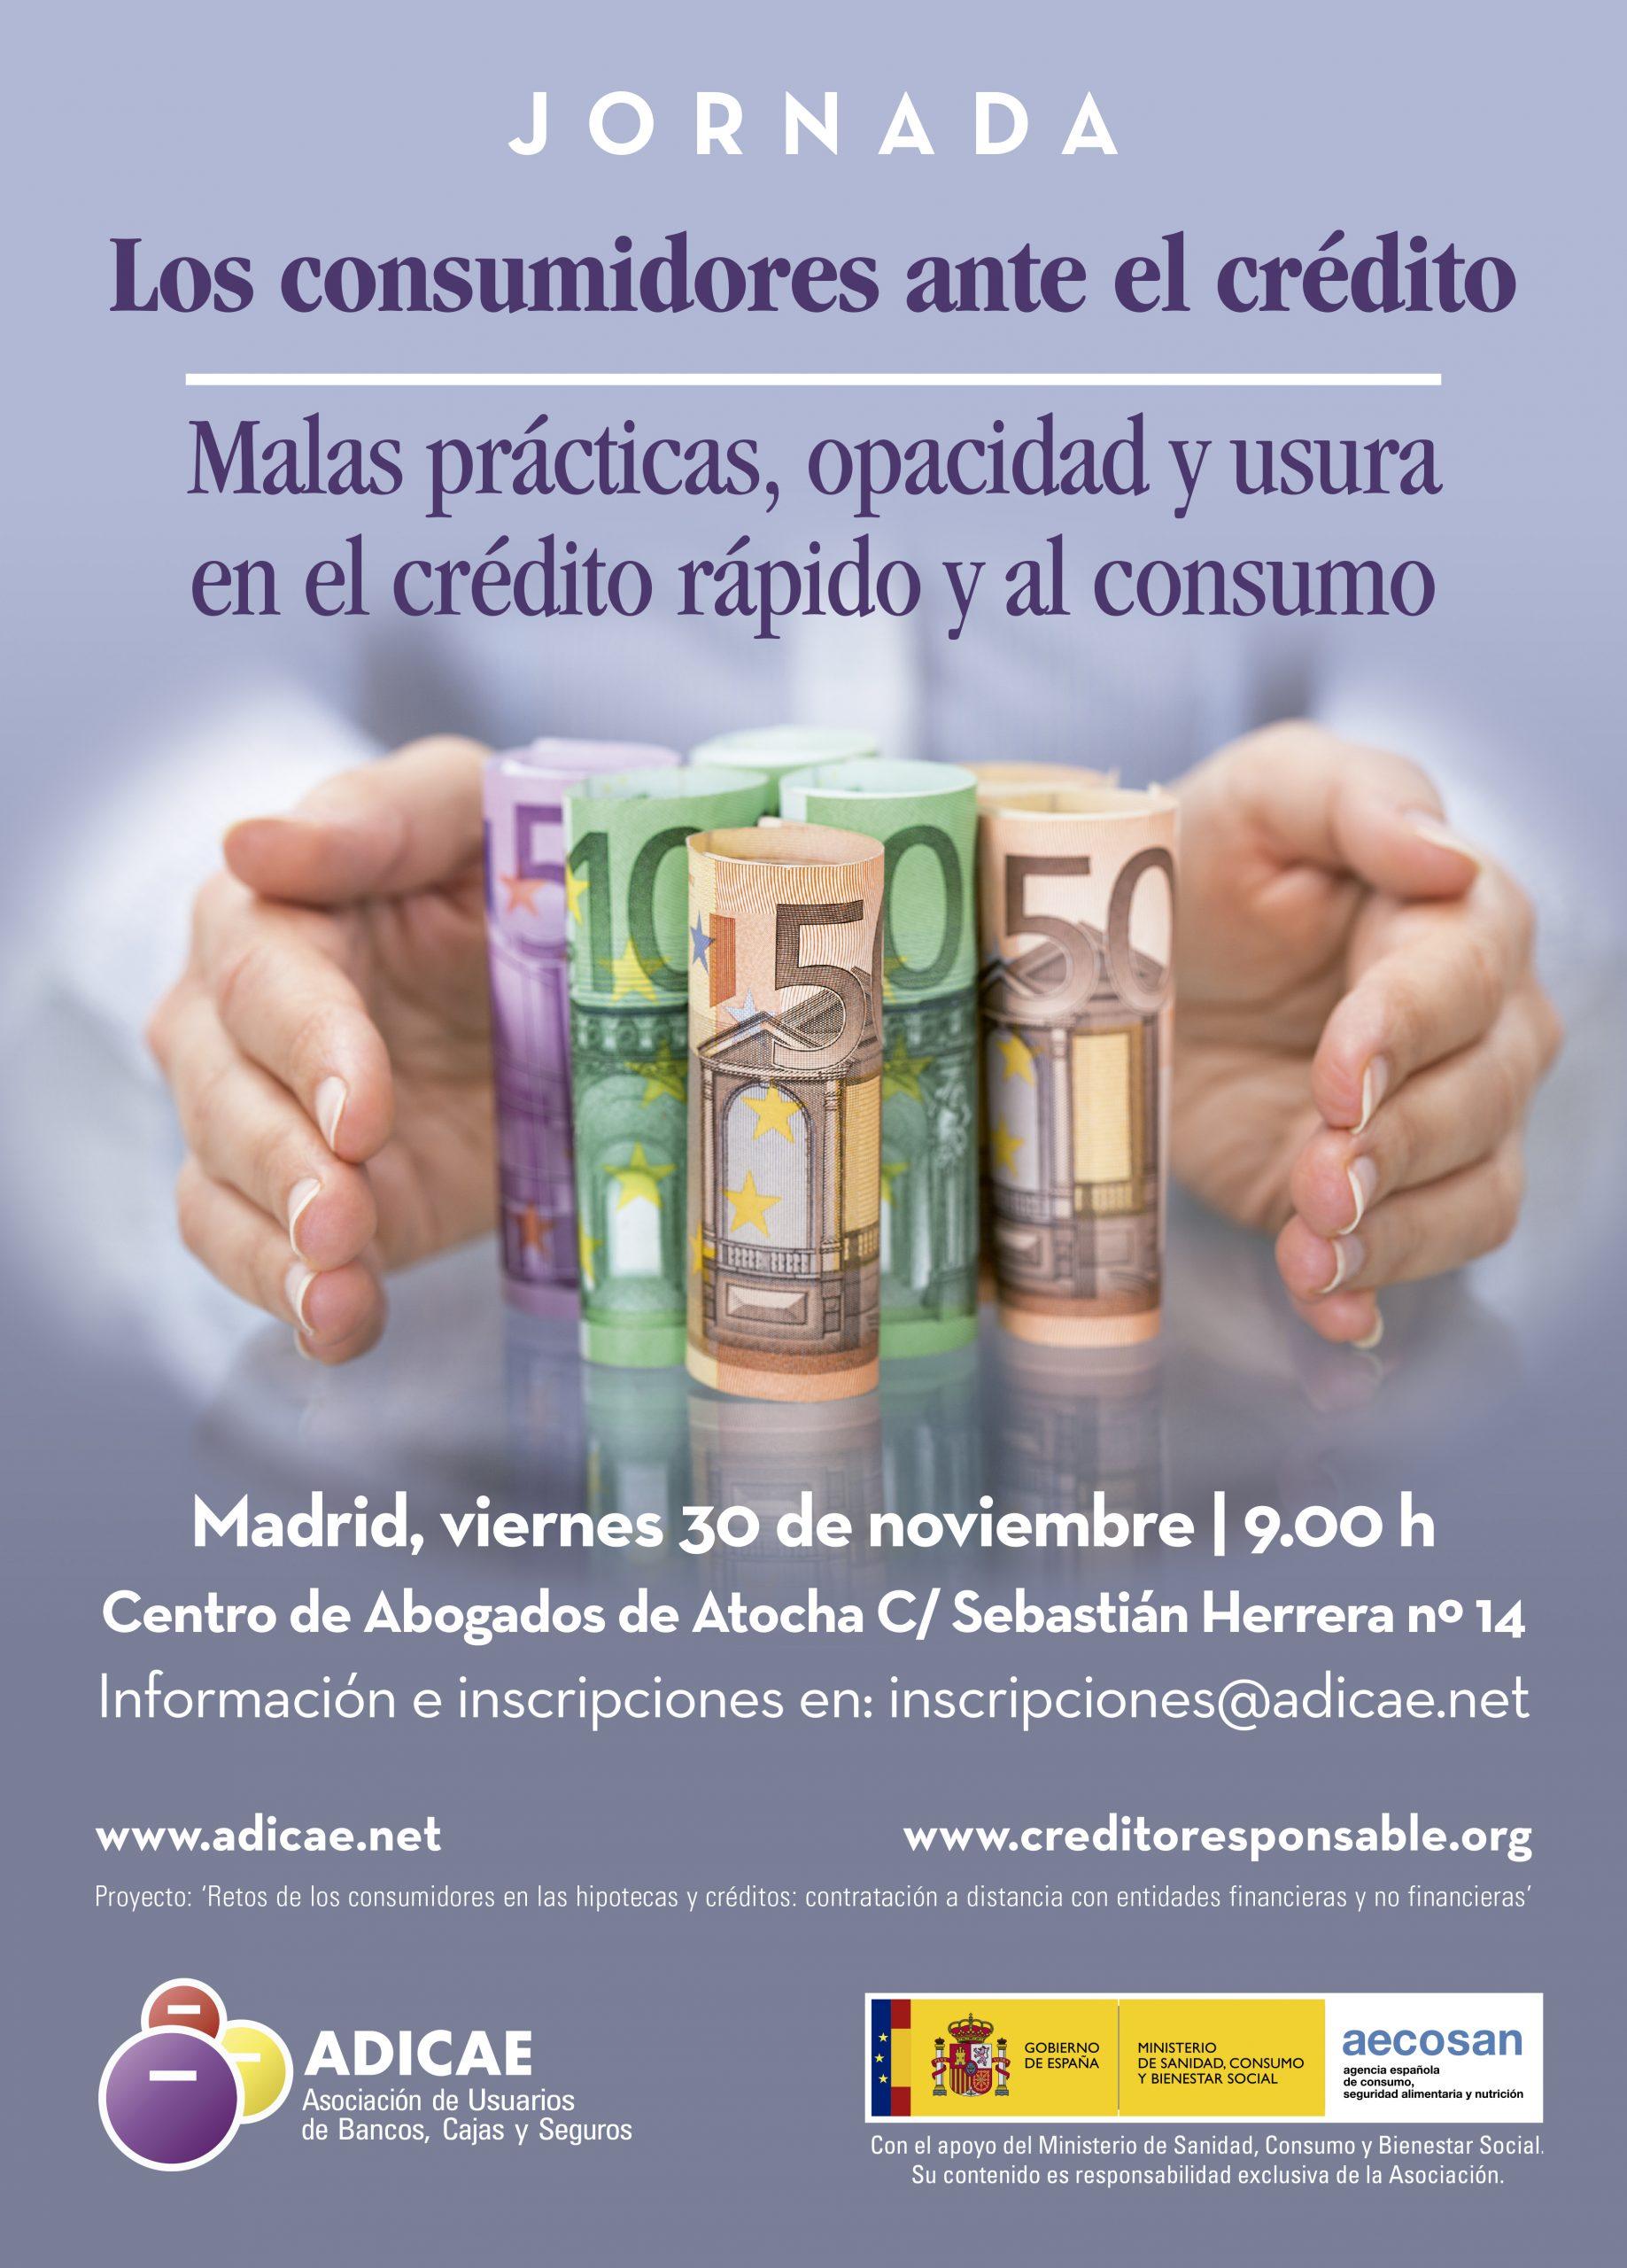 ADICAE analiza este viernes con expertos las prácticas abusivas y la usura en créditos al consumo